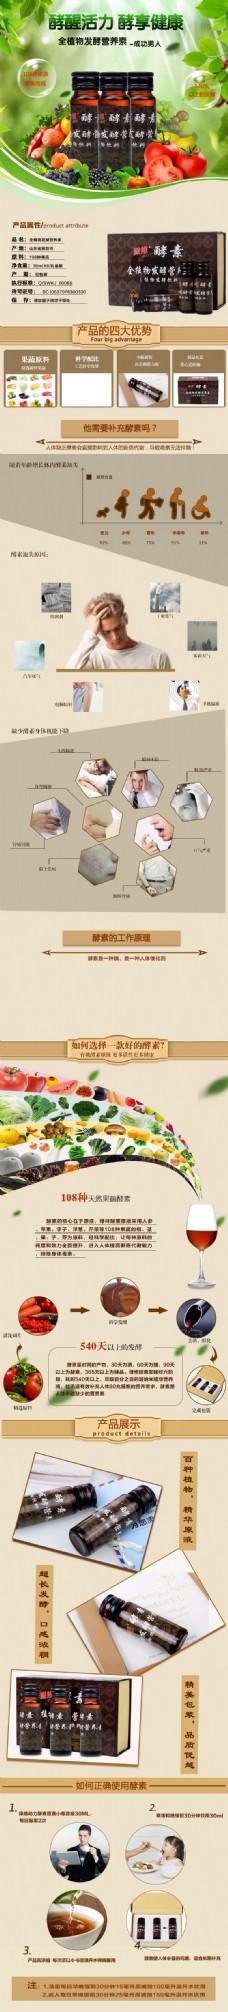 酵素详情页  零食饮品营养品详情页模板